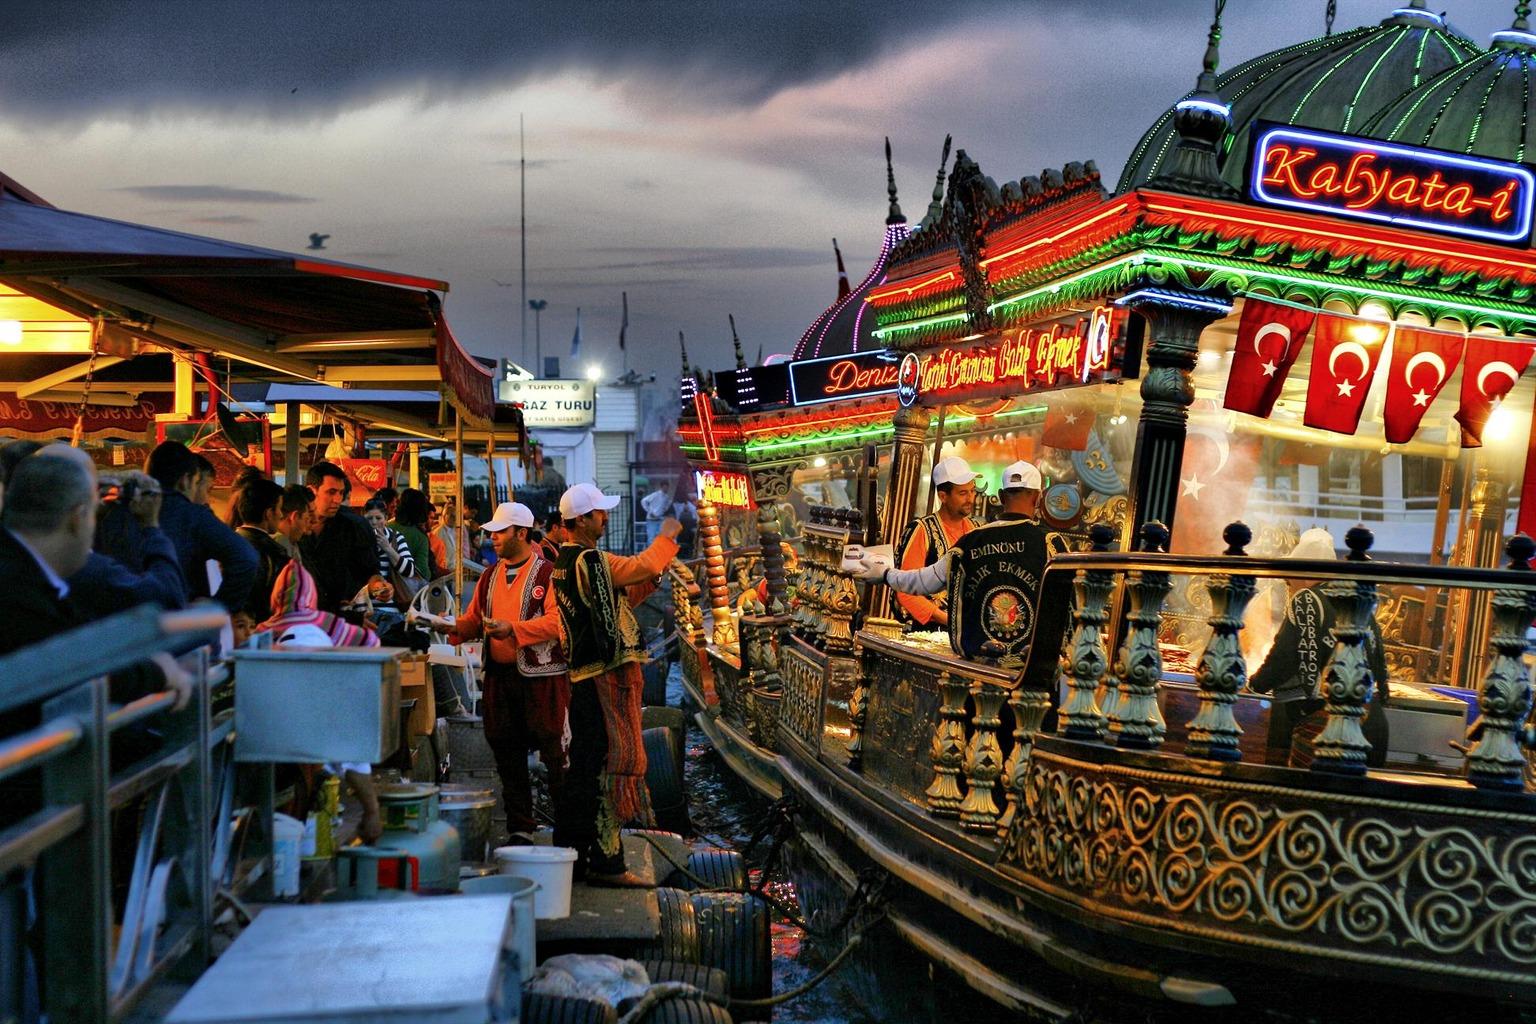 قیمت غذاهای خیابانی استانبول چقدر است؟